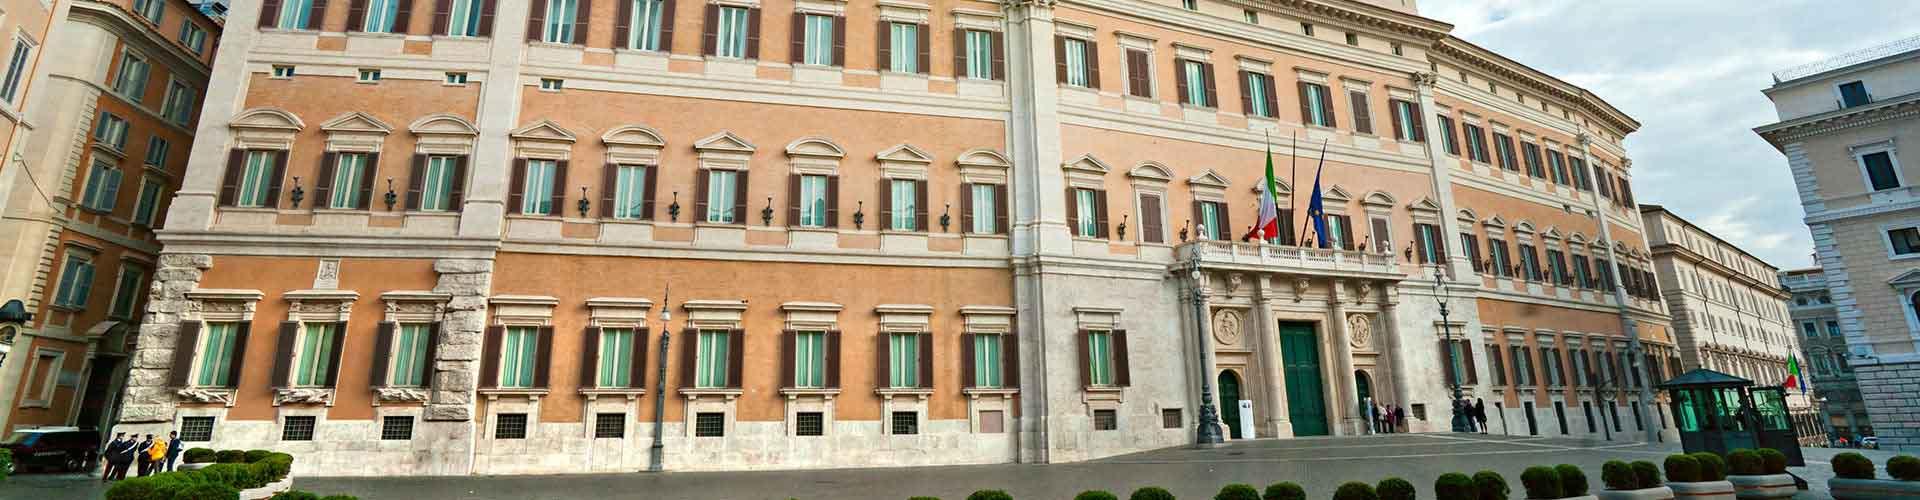 Roma - Albergues Juveniles cerca a Palazzo Montecitorio. Mapas de Roma, Fotos y Comentarios para cada Albergue Juvenil en Roma.